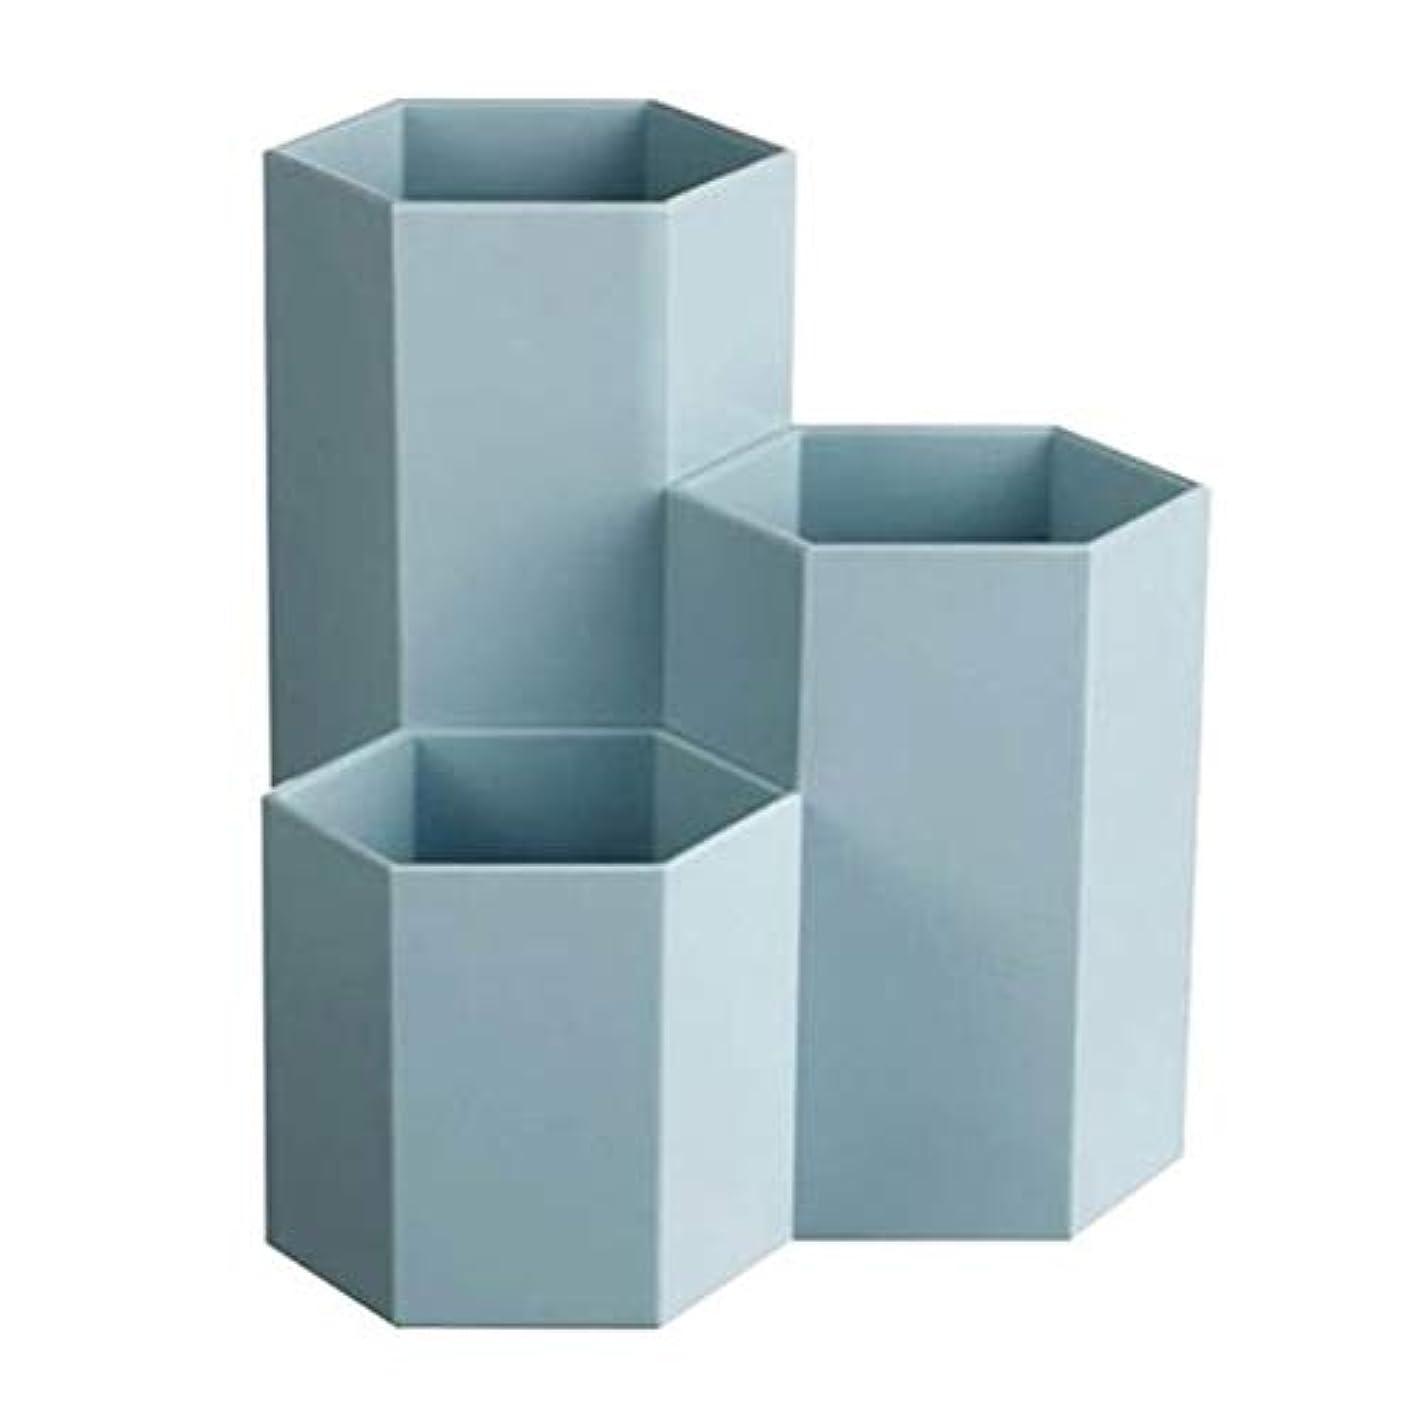 エリート忌まわしいバッテリーTerGOOSE 卓上収納ケース メイクブラシケース メイクブラシスタンド メイクブラシ収納ボックス メイクケース ペンホルダー 卓上文房具収納ボックス ペン立て 文房具 おしゃれ 六角 3つのグリッド 大容量 ブルー